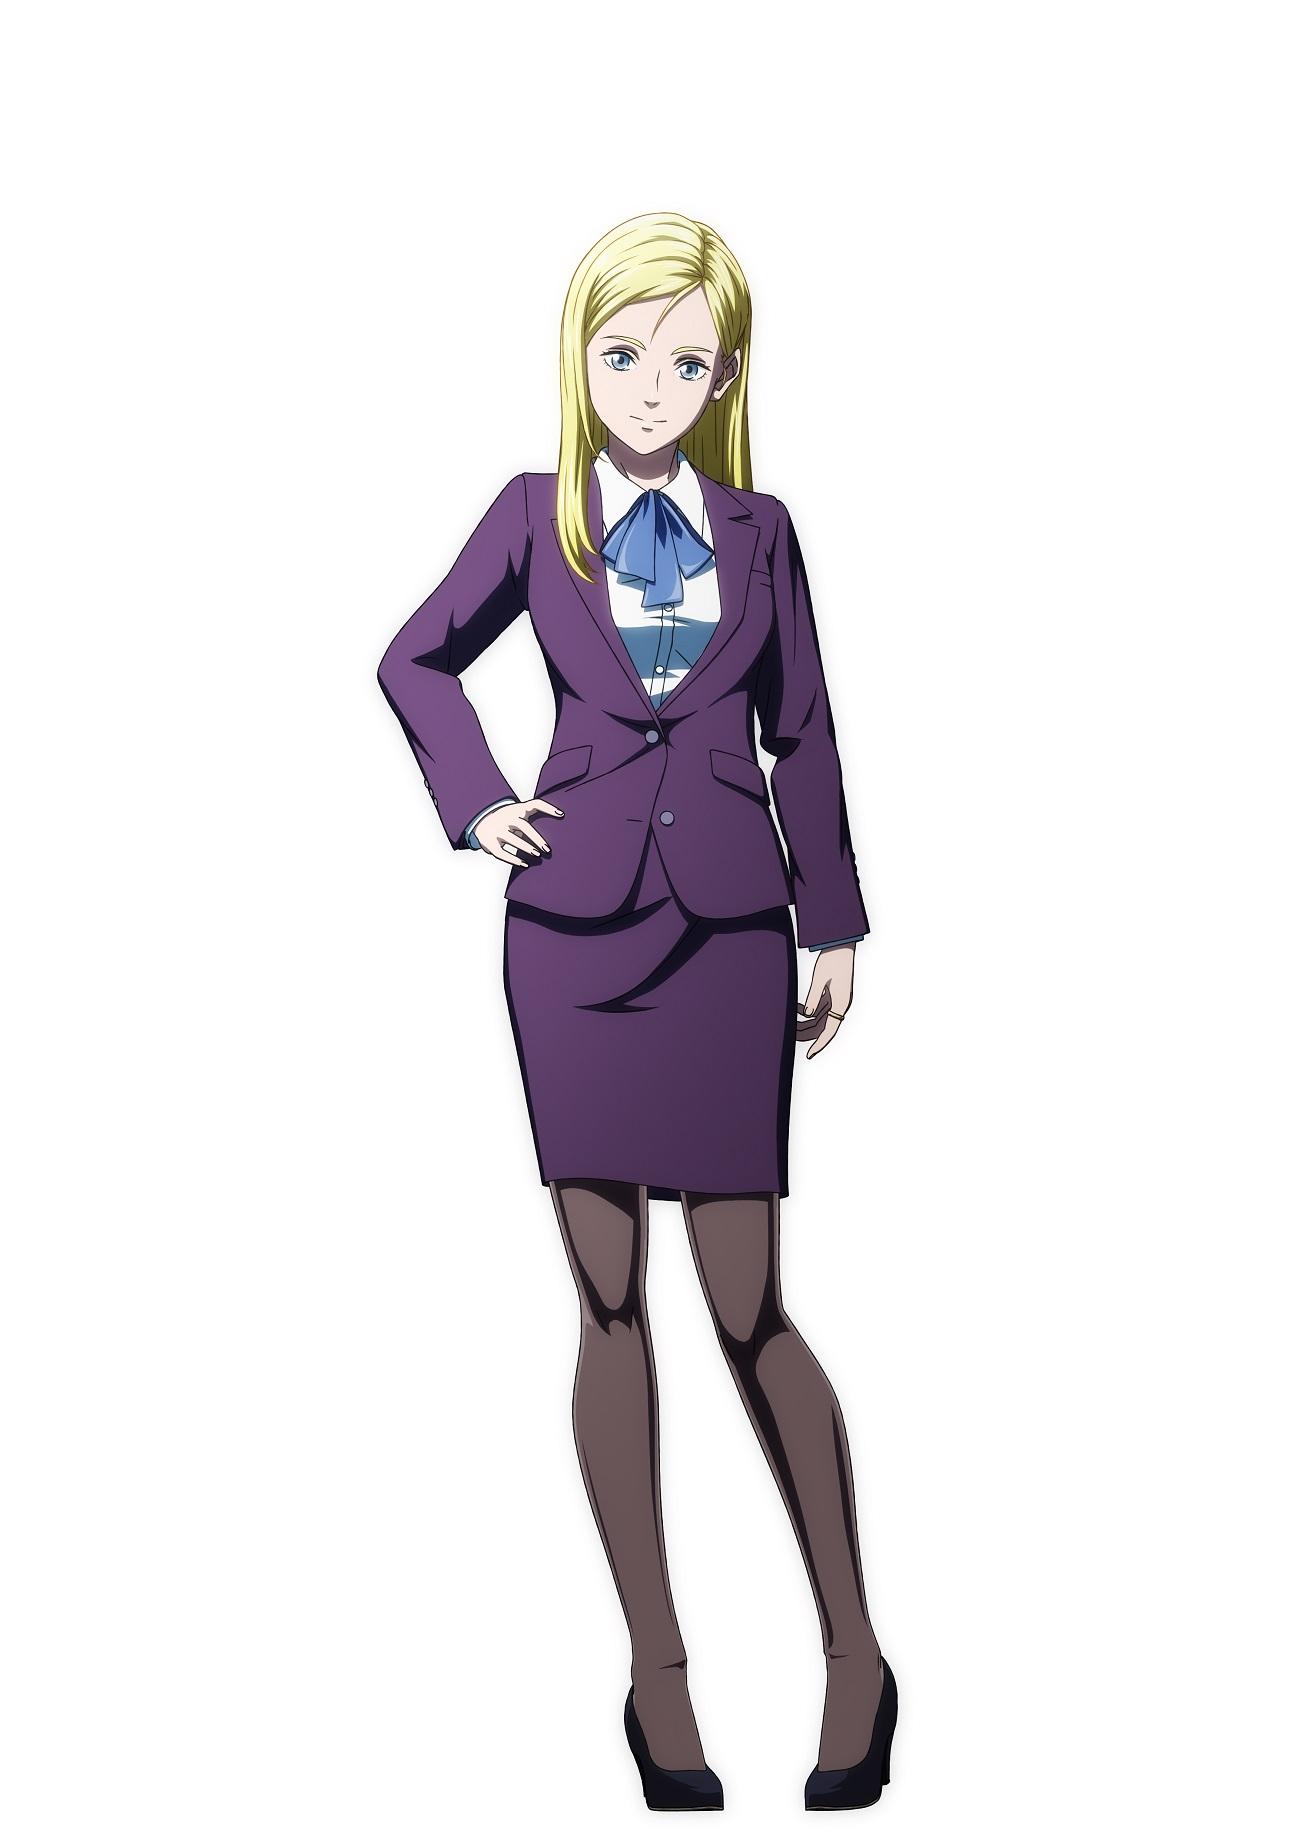 日本アニメを全世界へ!フジテレビの新アニメ枠「+Ultra」第1弾は『イングレス』!